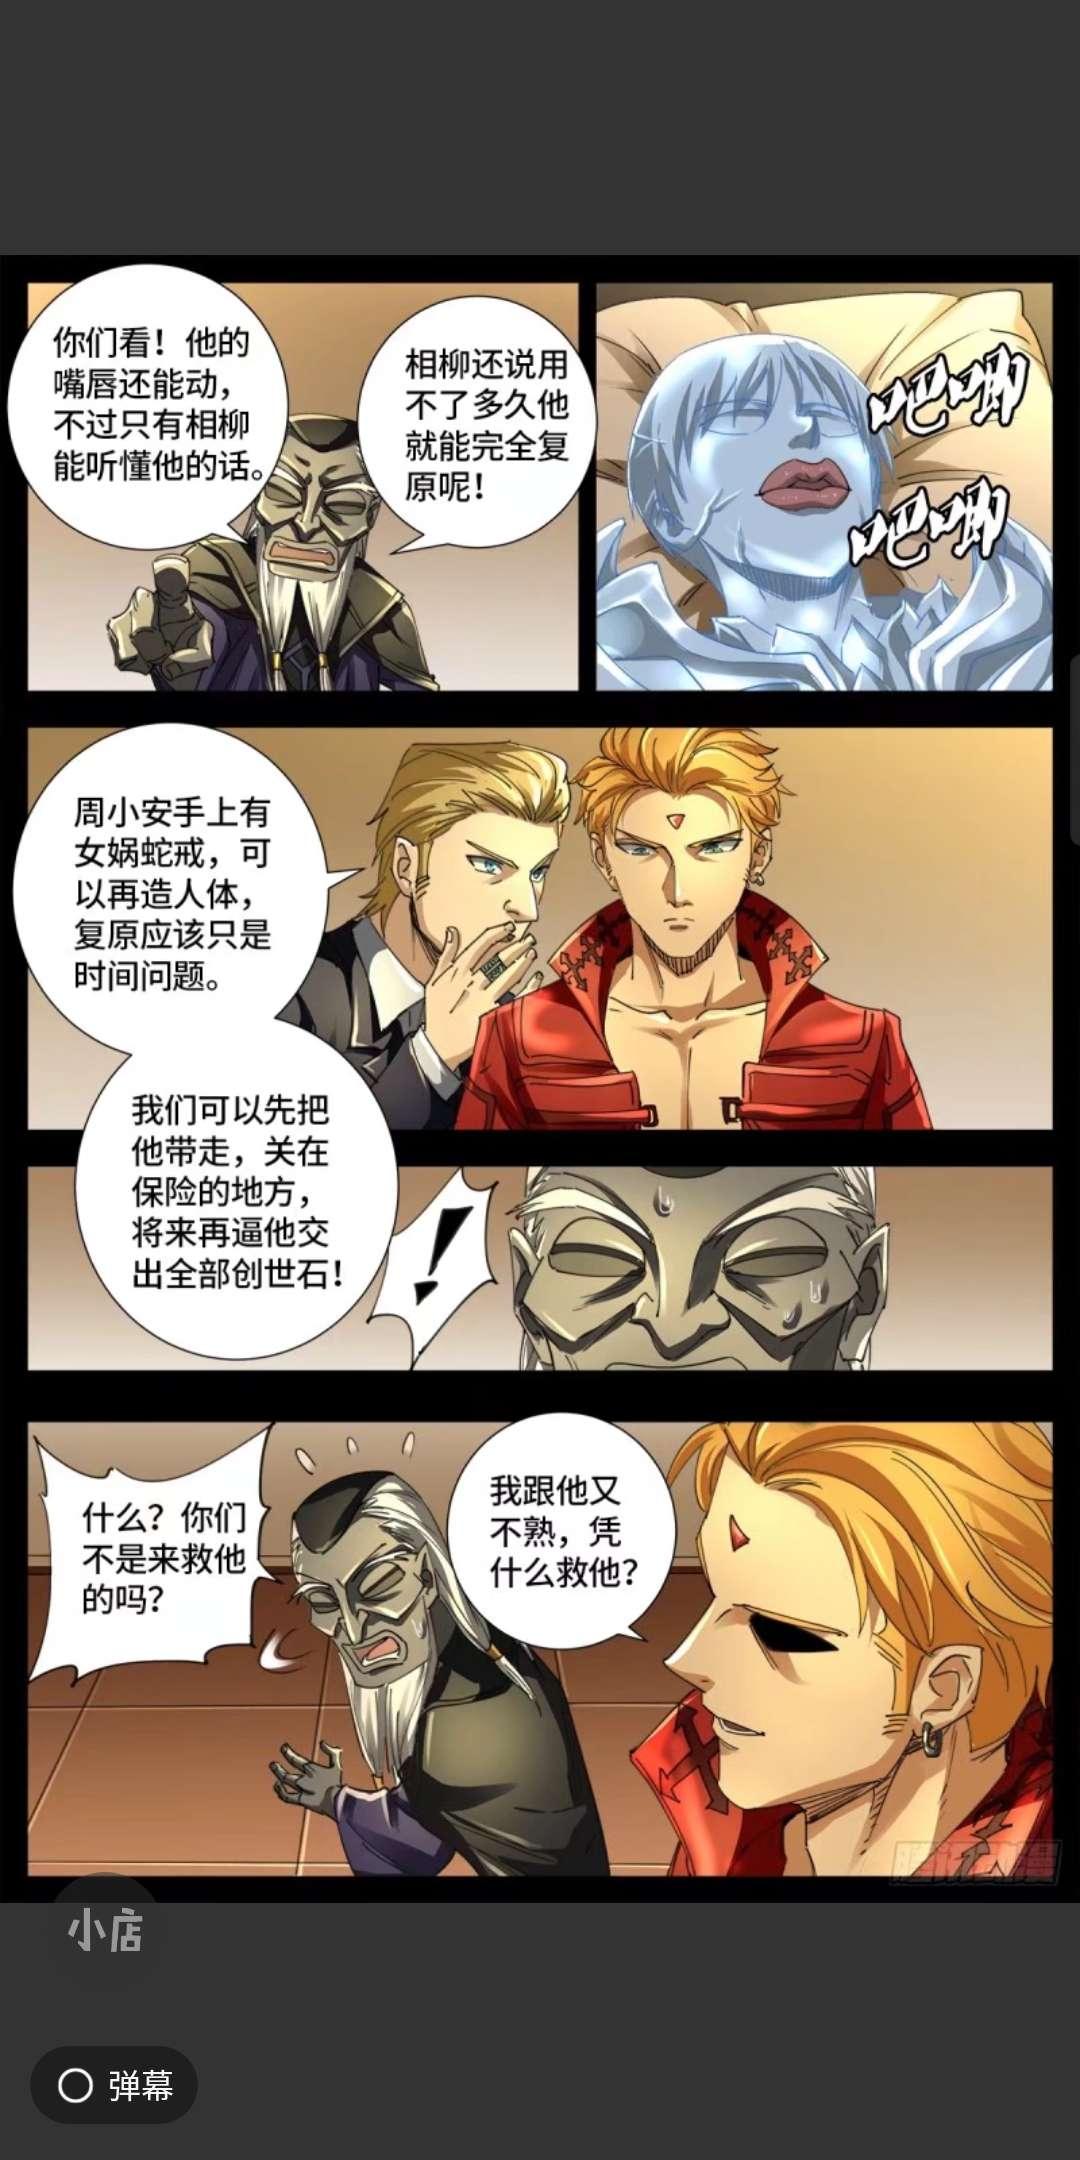 【漫画更新】血魔人641